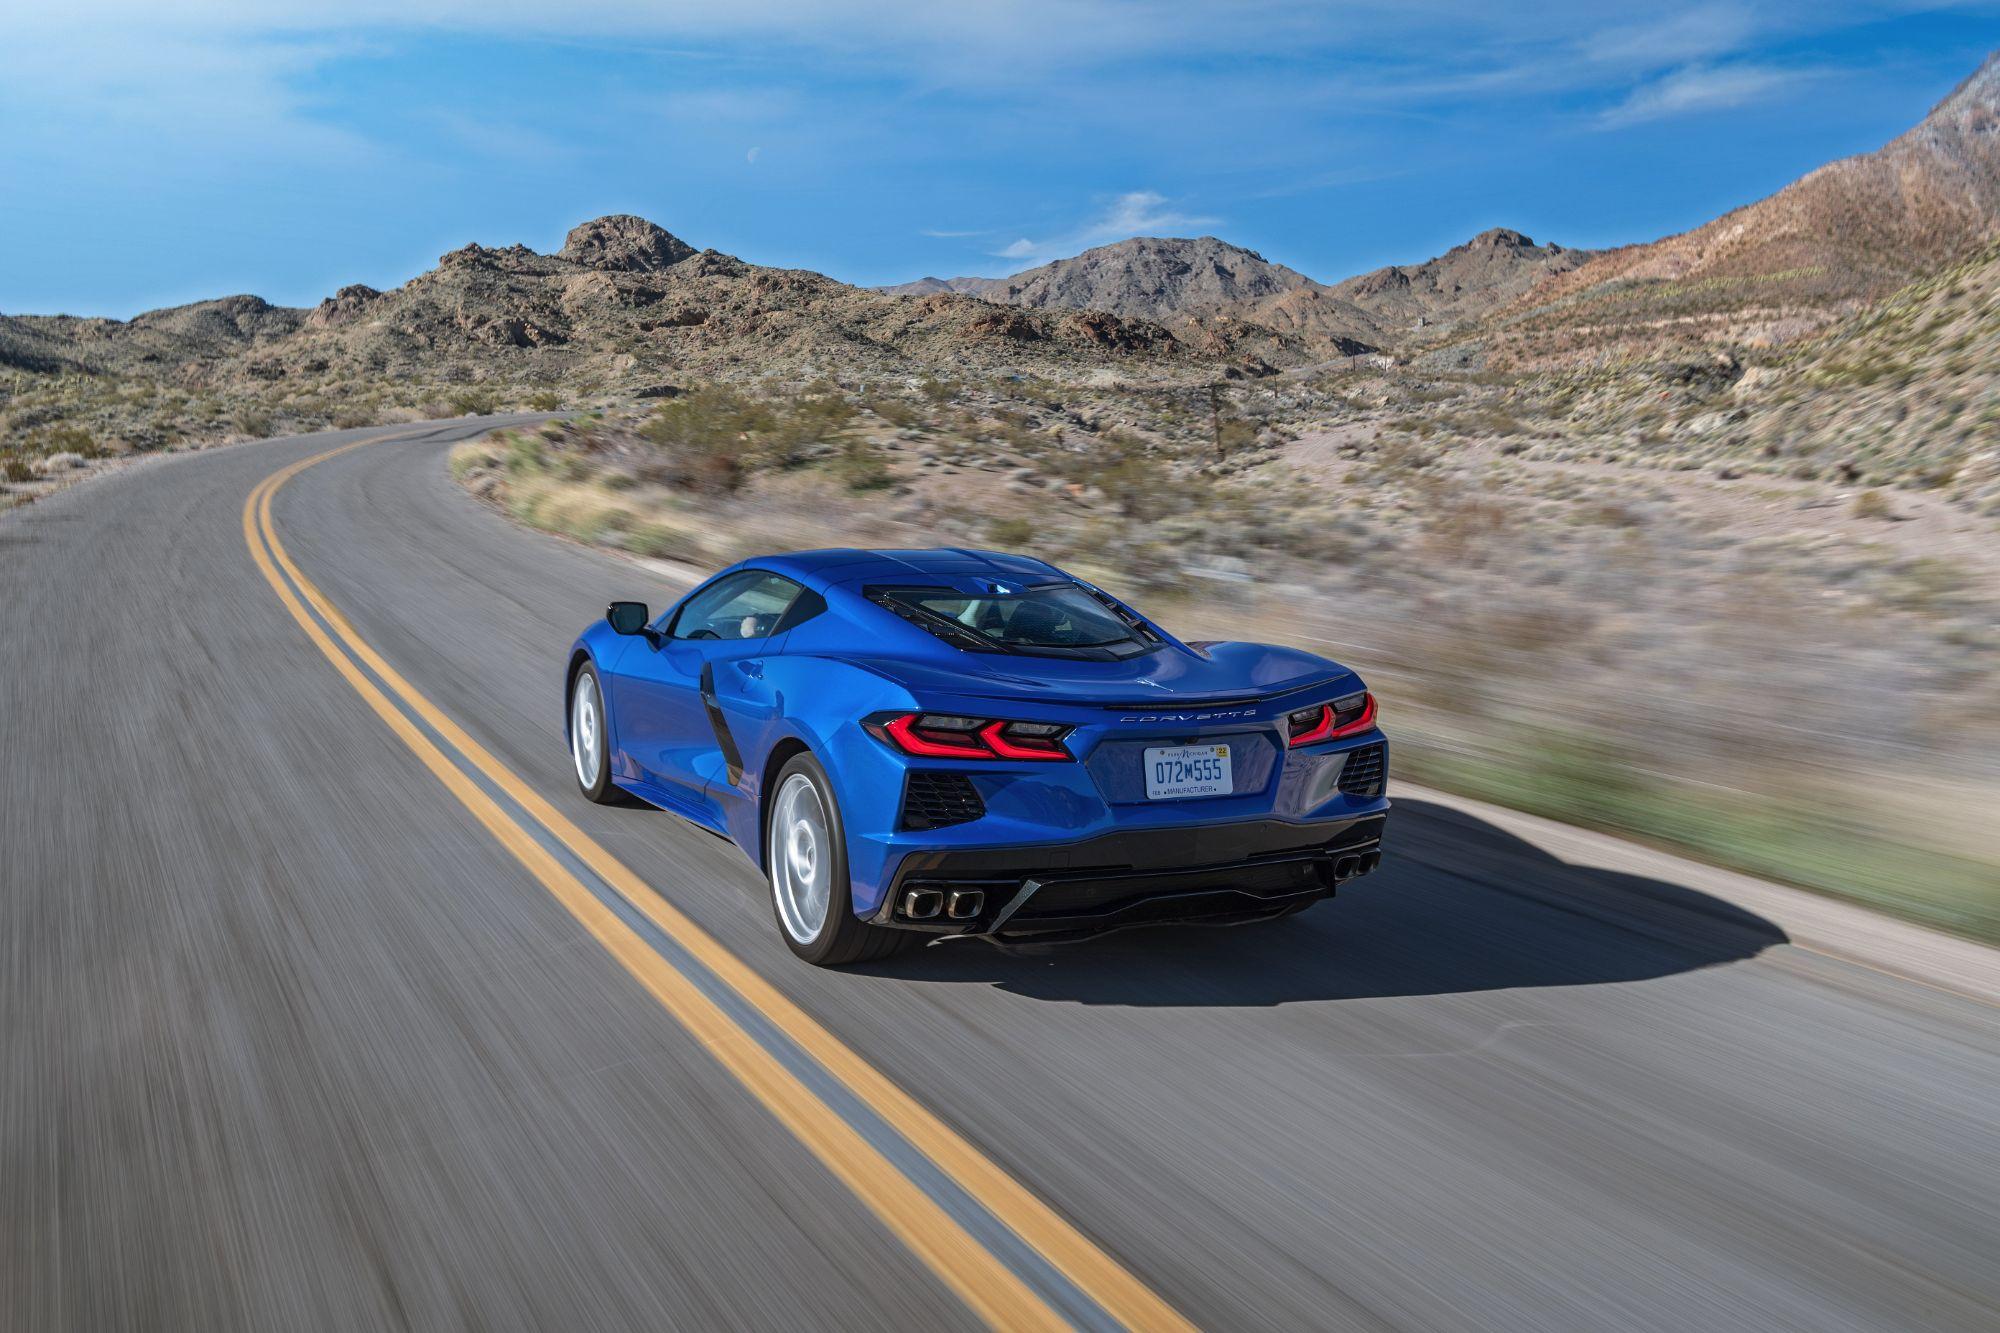 2020-Chevrolet-Corvette-Stingray-194